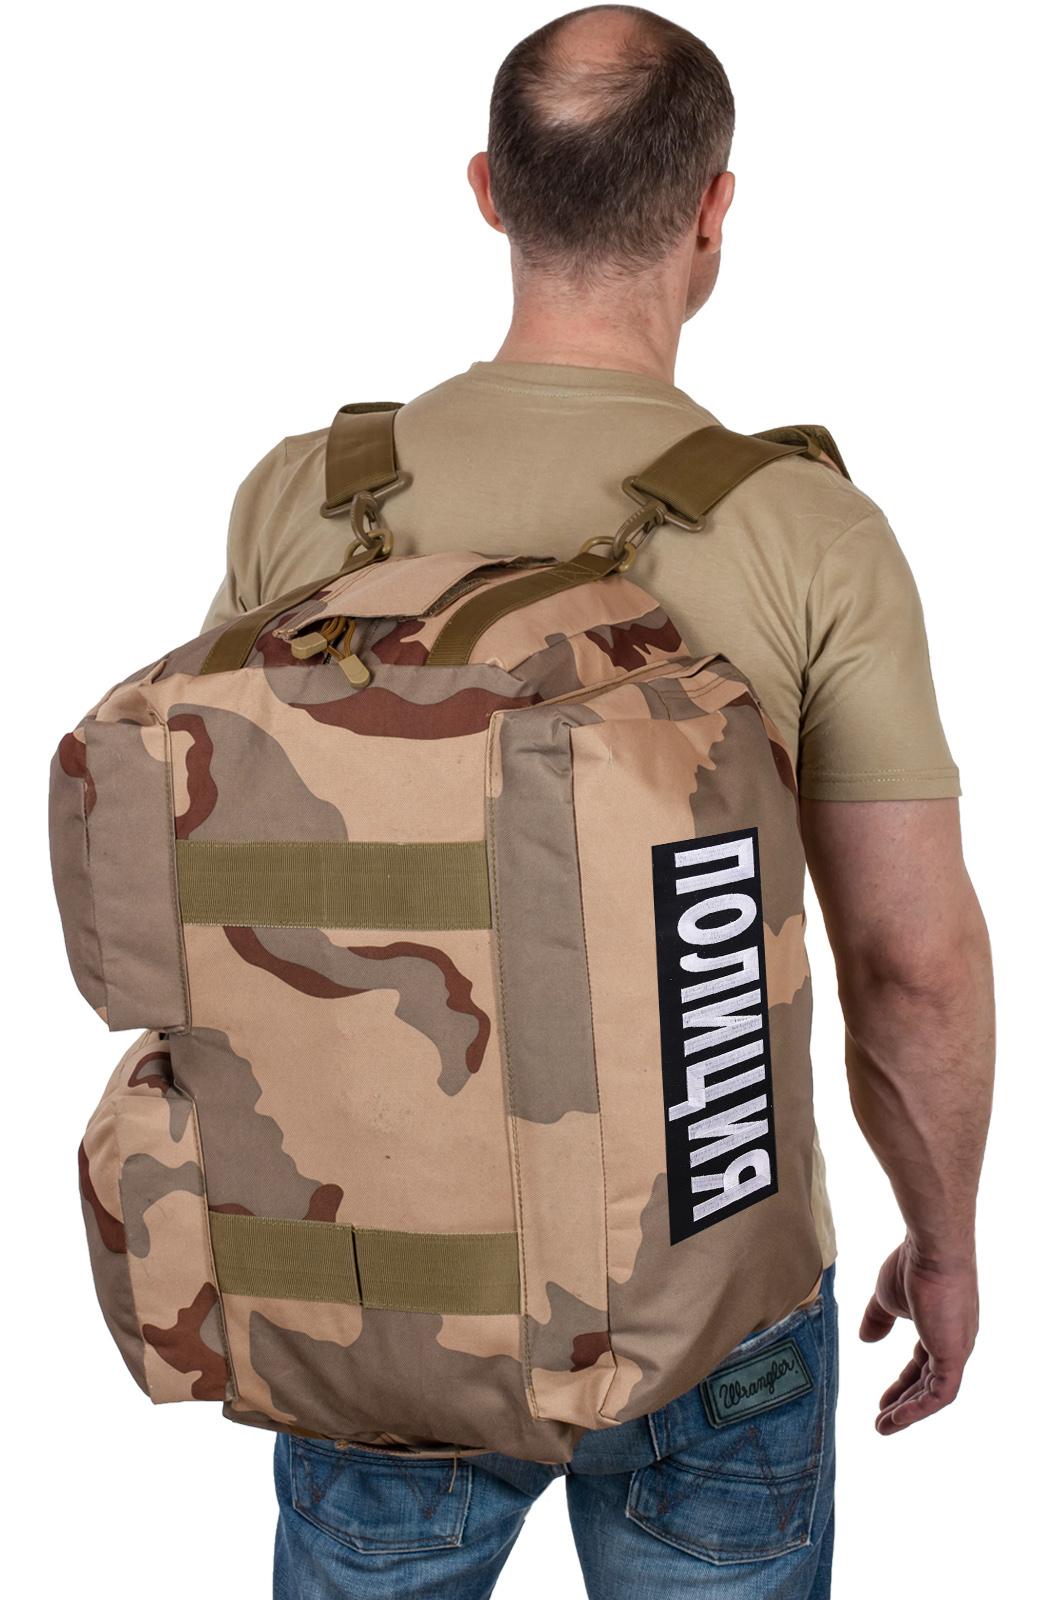 Купить военную дорожную сумку Полиция с доставкой в ваш город